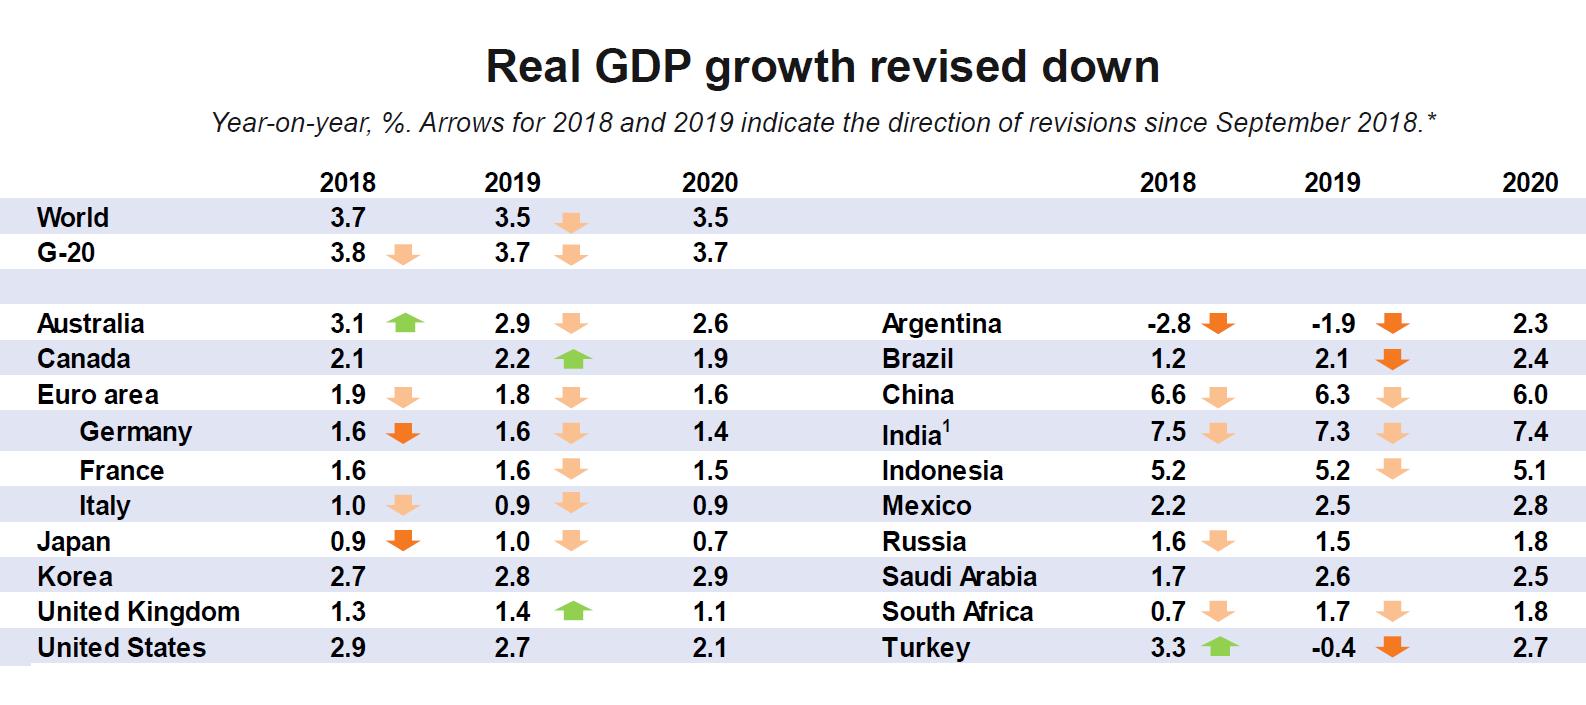 Kolor ciemno pomarańczowy oznacza rewizję o 0,3 % i więcej, kolor jasnopomarańczowy i zielony o mniej niż 0,3% w górę lub w dół. źródło i grafika OECD.